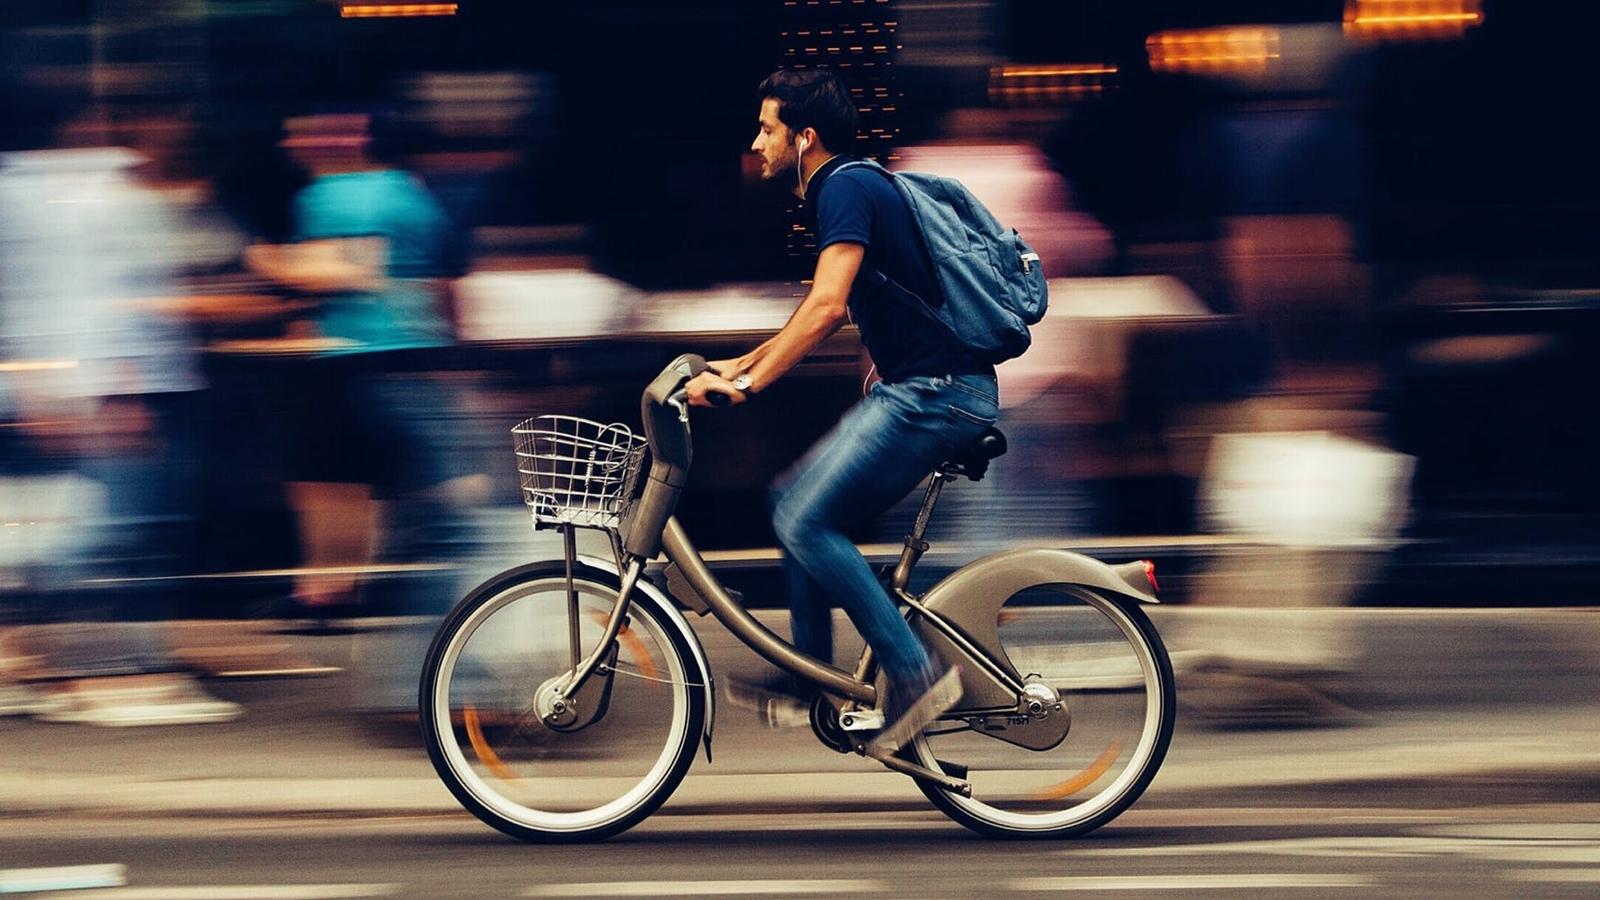 Llegarán nuevos carriles para bicicletas en la CDMX